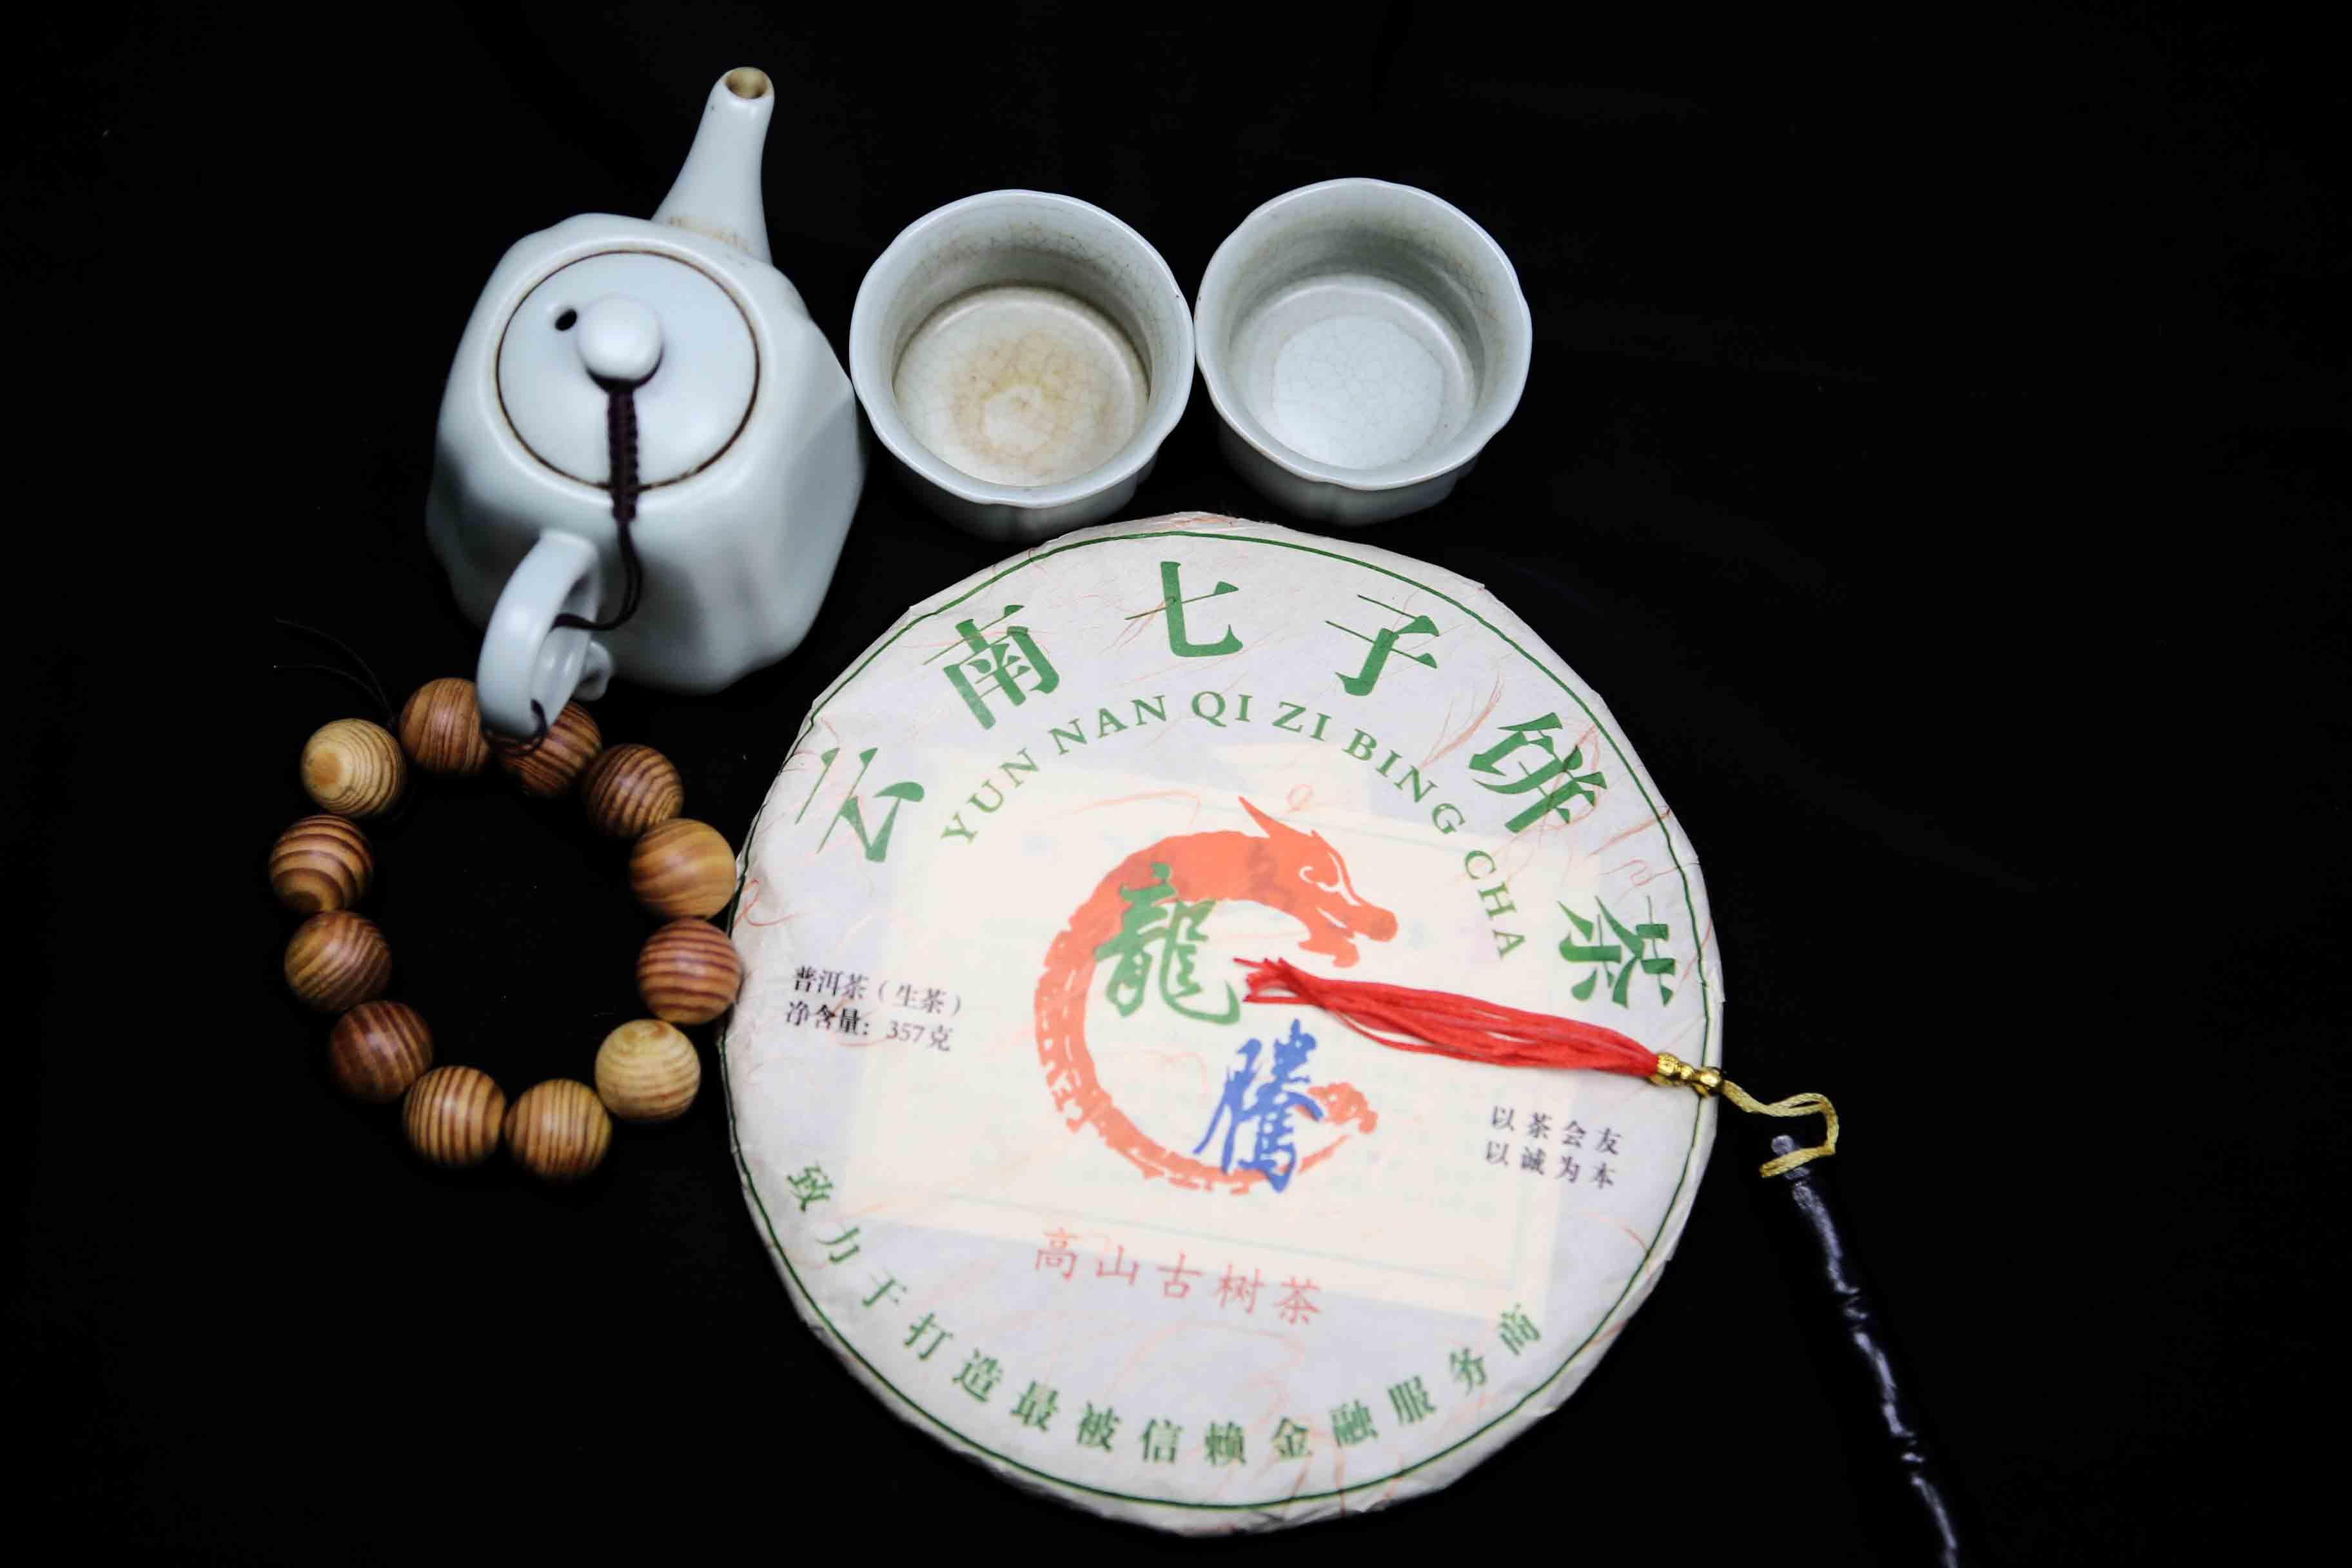 普洱茶(生茶叶) 01